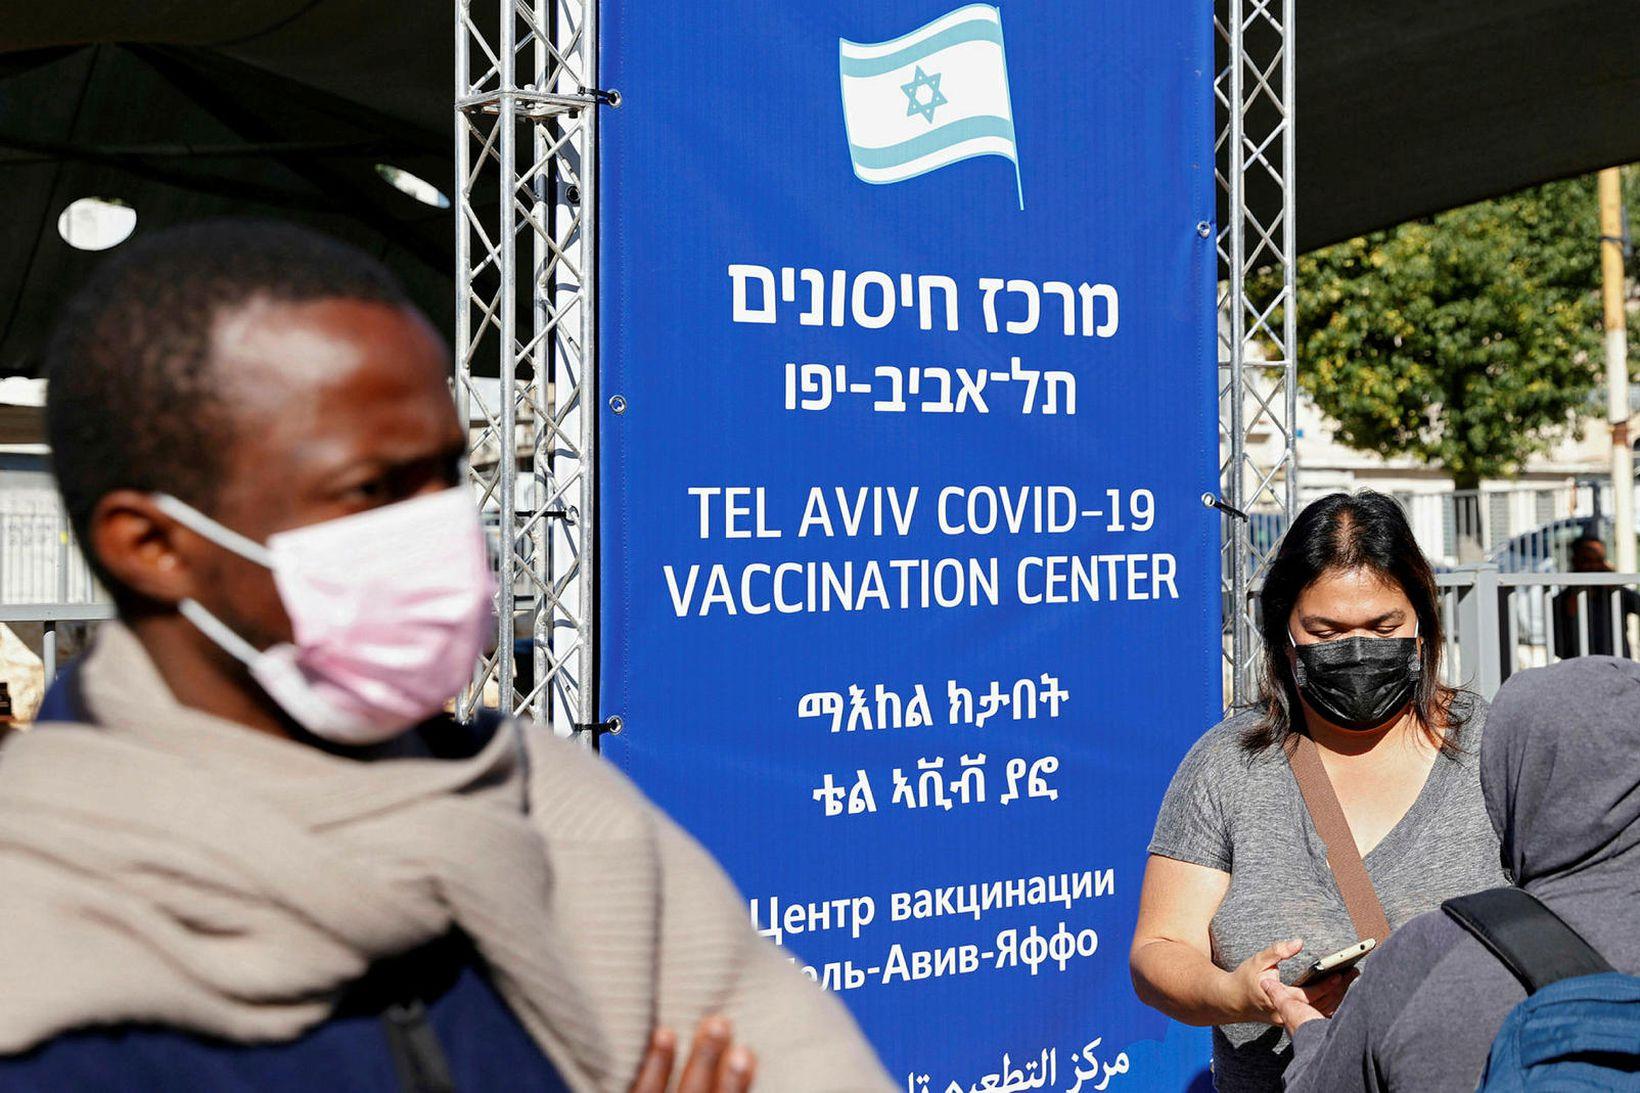 Bólusett í Tel Aviv, höfuðborg Ísraels.